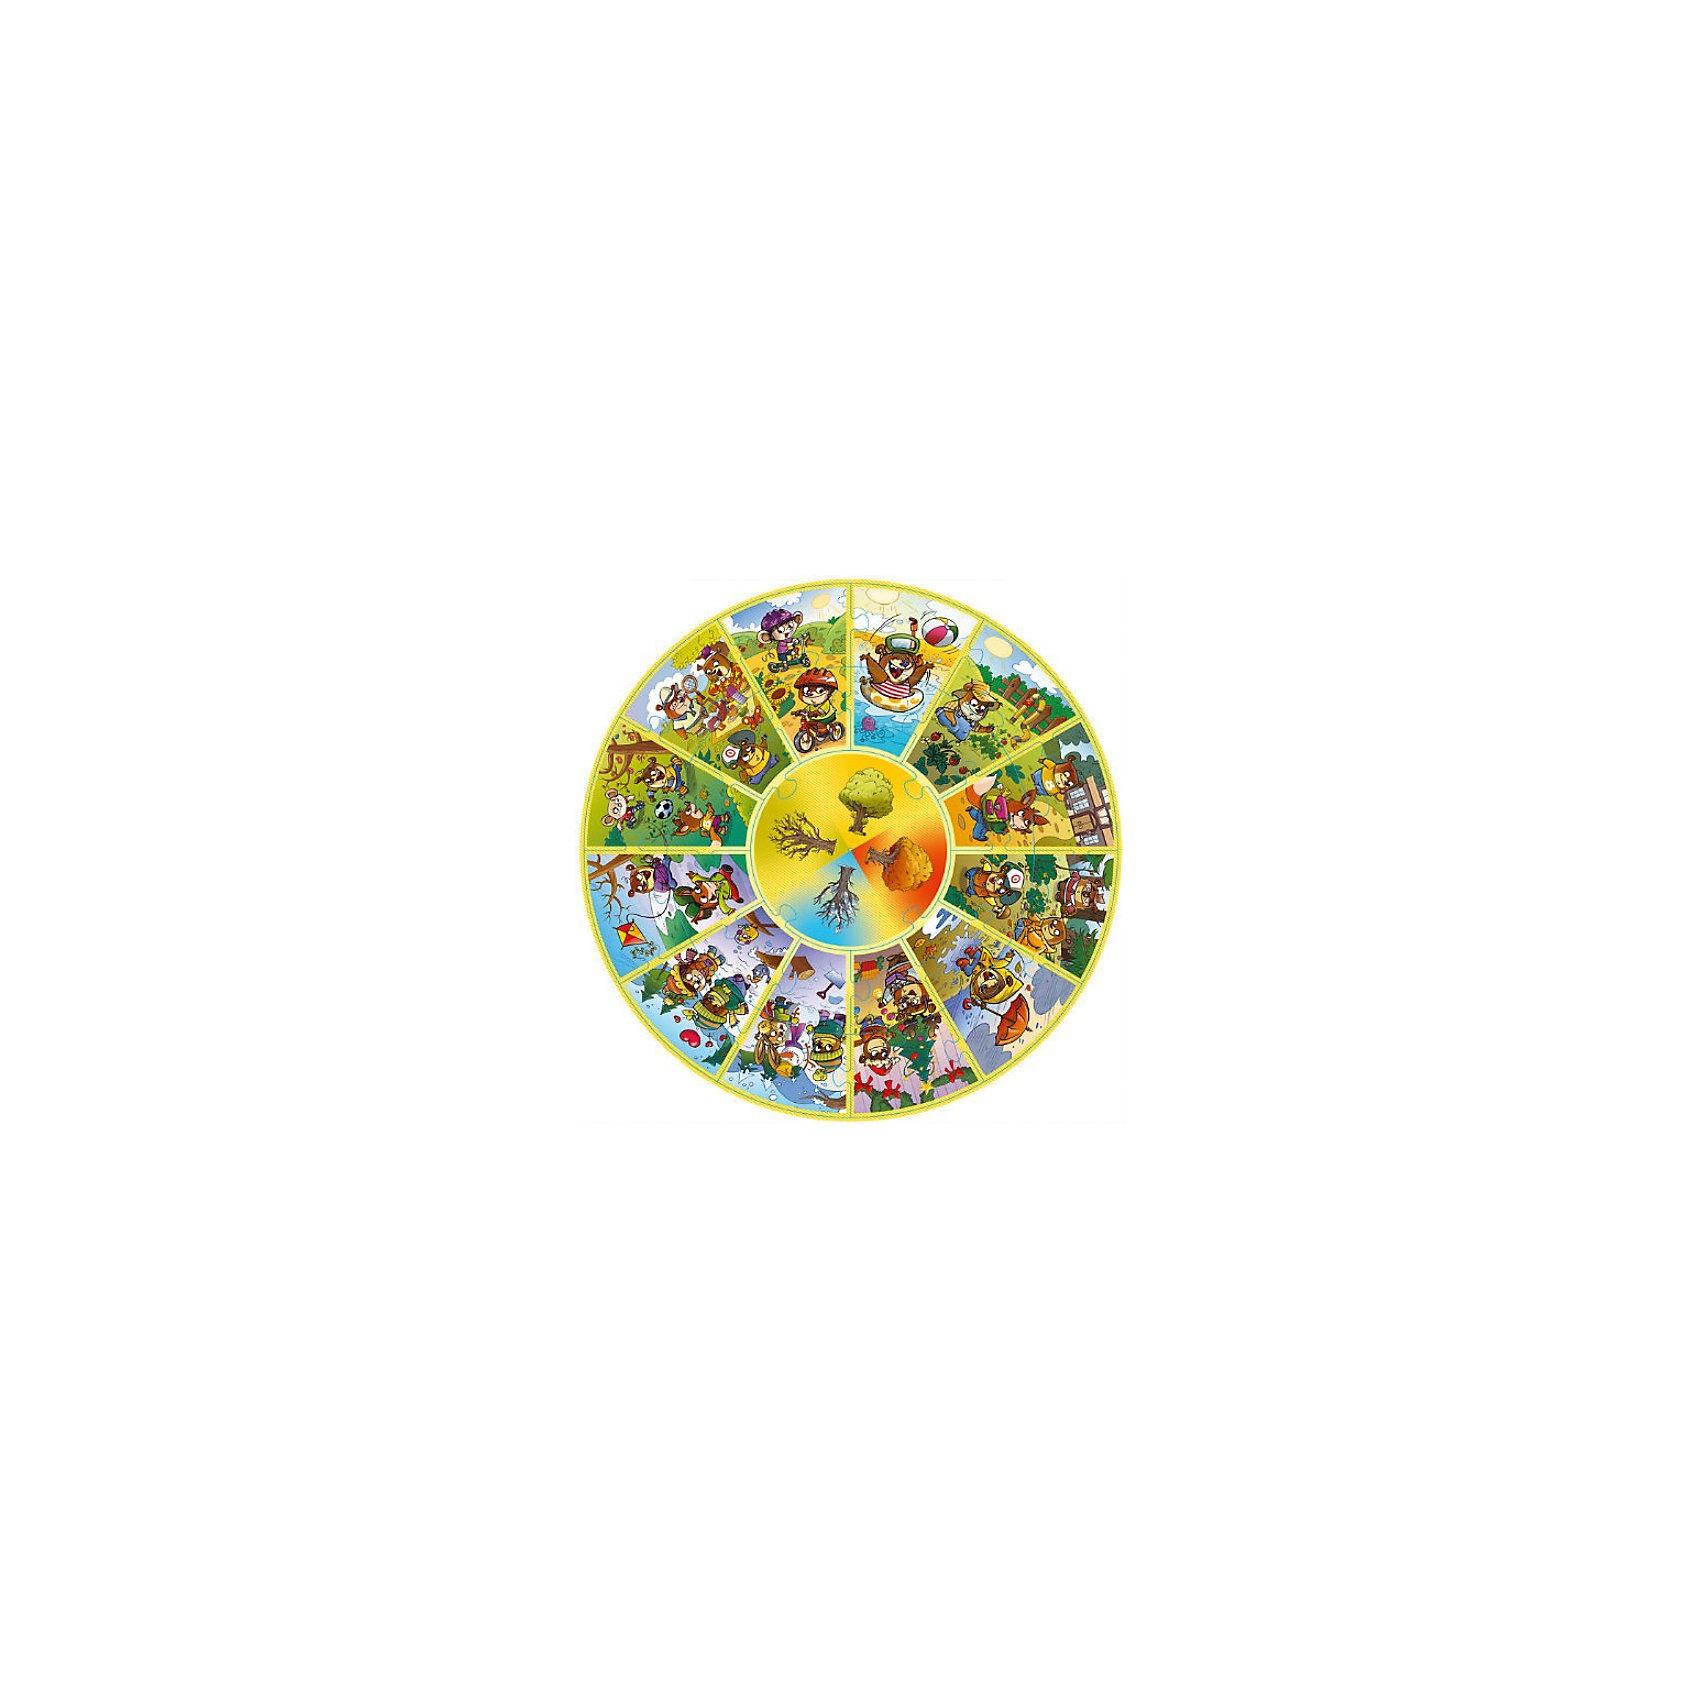 Пазл круглый Календарь, 24 детали, TreflКоличество деталей<br>Характеристики товара:<br><br>• возраст от 3 лет;<br>• материал: картон;<br>• в комплекте: 24 детали;<br>• размер упаковки 29х29х6 см;<br>• вес упаковки 820 гр.;<br>• страна производитель: Польша.<br><br>Пазл круглый «Календарь» Trefl позволит малышам выучить с его помощью времена года, месяцы, узнать все о погоде каждого времени года. Пазл разделен на 12 месяцев и 4 времени года. В каждой секции забавный медвежонок увлекается занятиями: купается в море, гуляет зимой в лесу.<br><br>Все элементы изготовлены из прочного картона со специальным стойким покрытием. Собирая пазл, у детей развиваются моторика рук, усидчивость, внимательность и мышление.<br><br>Пазл круглый «Календарь» Trefl можно приобрести в нашем интернет-магазине.<br><br>Ширина мм: 280<br>Глубина мм: 280<br>Высота мм: 62<br>Вес г: 660<br>Возраст от месяцев: 48<br>Возраст до месяцев: 96<br>Пол: Унисекс<br>Возраст: Детский<br>Количество деталей: 24<br>SKU: 3879937